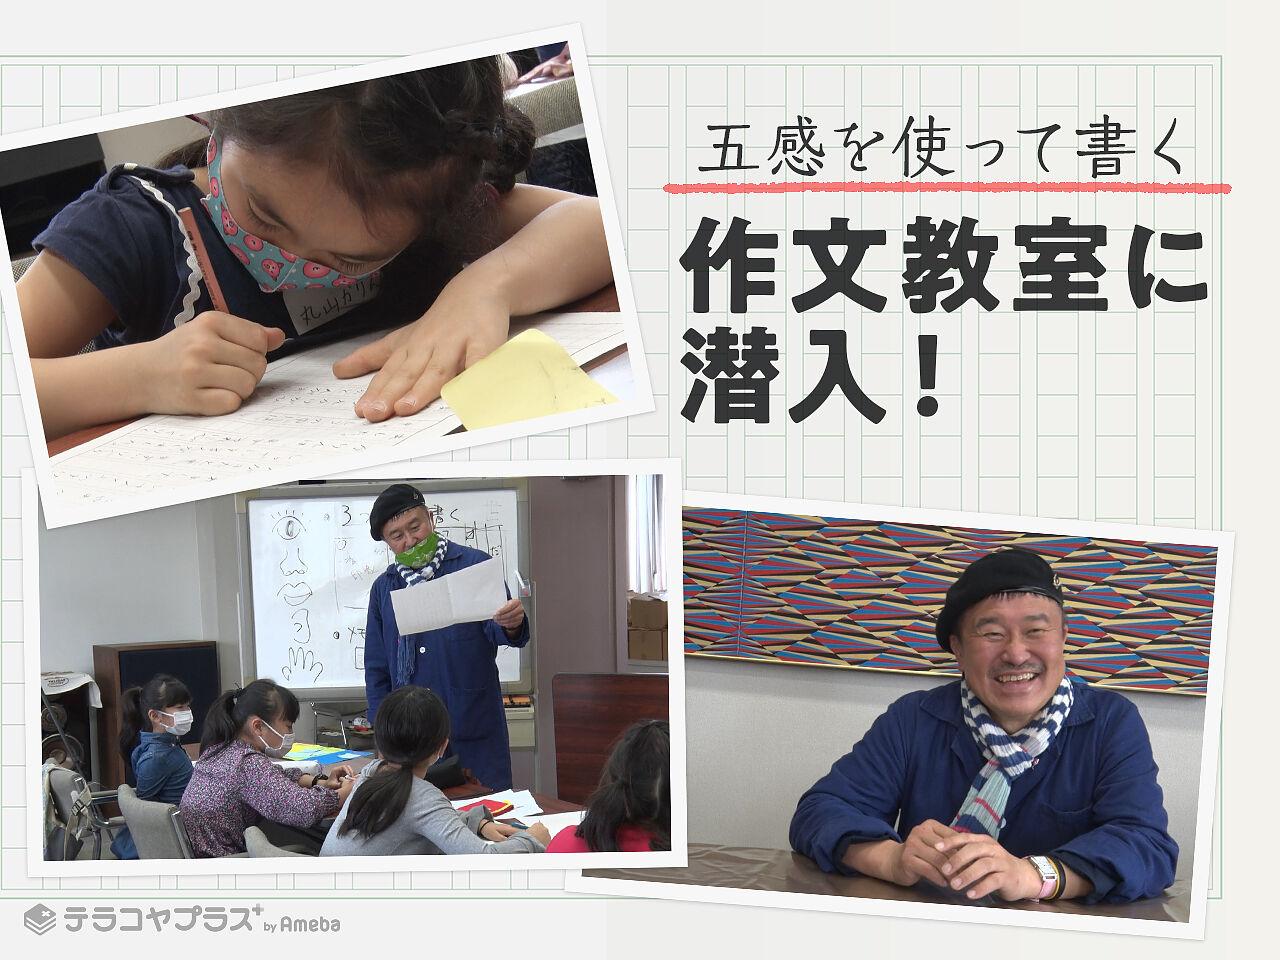 五感を使って楽しく文章を書く力が身につく「世田谷作文教室」に潜入取材!の画像